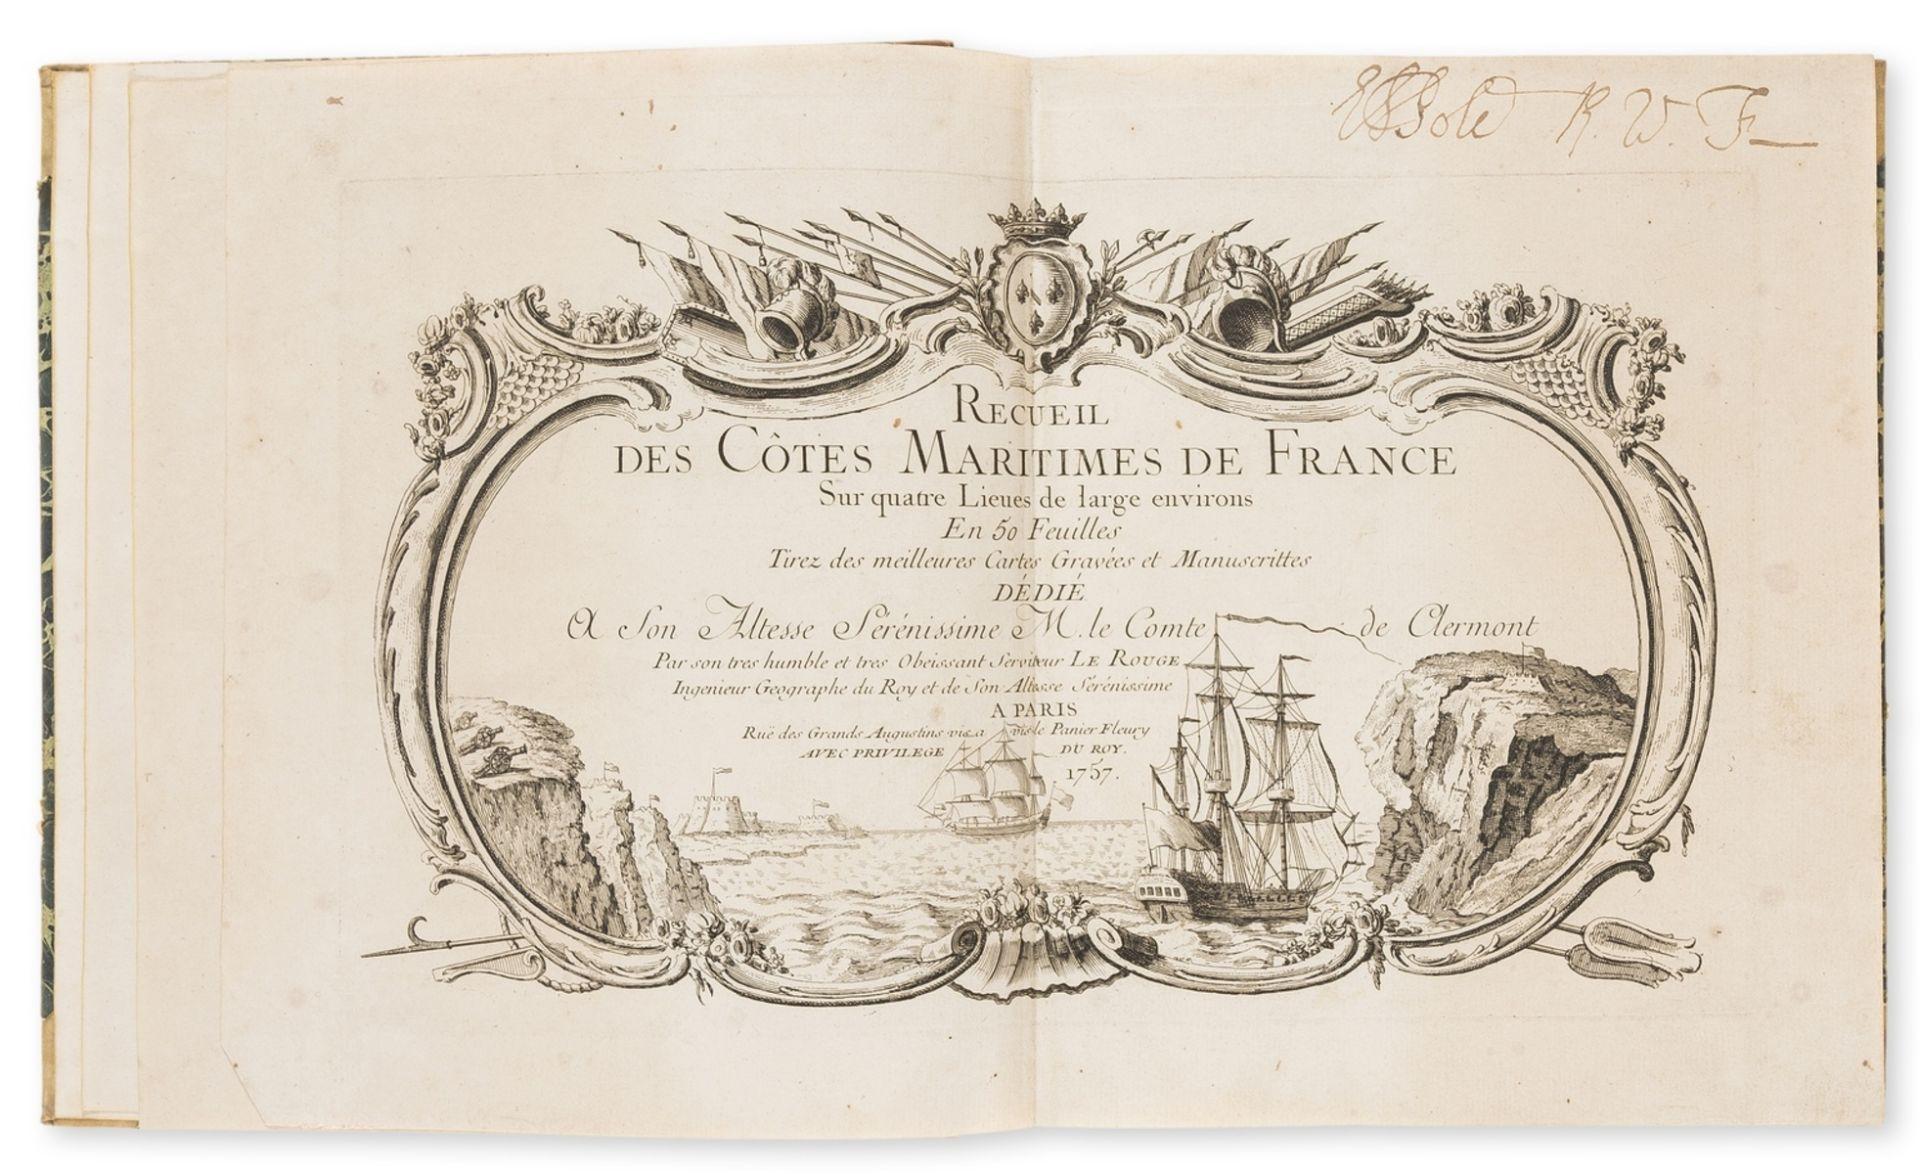 France.- Le Rouge (George Louis) Recueil des Cotes Maritimes de France, first edition,, Paris, 1757.